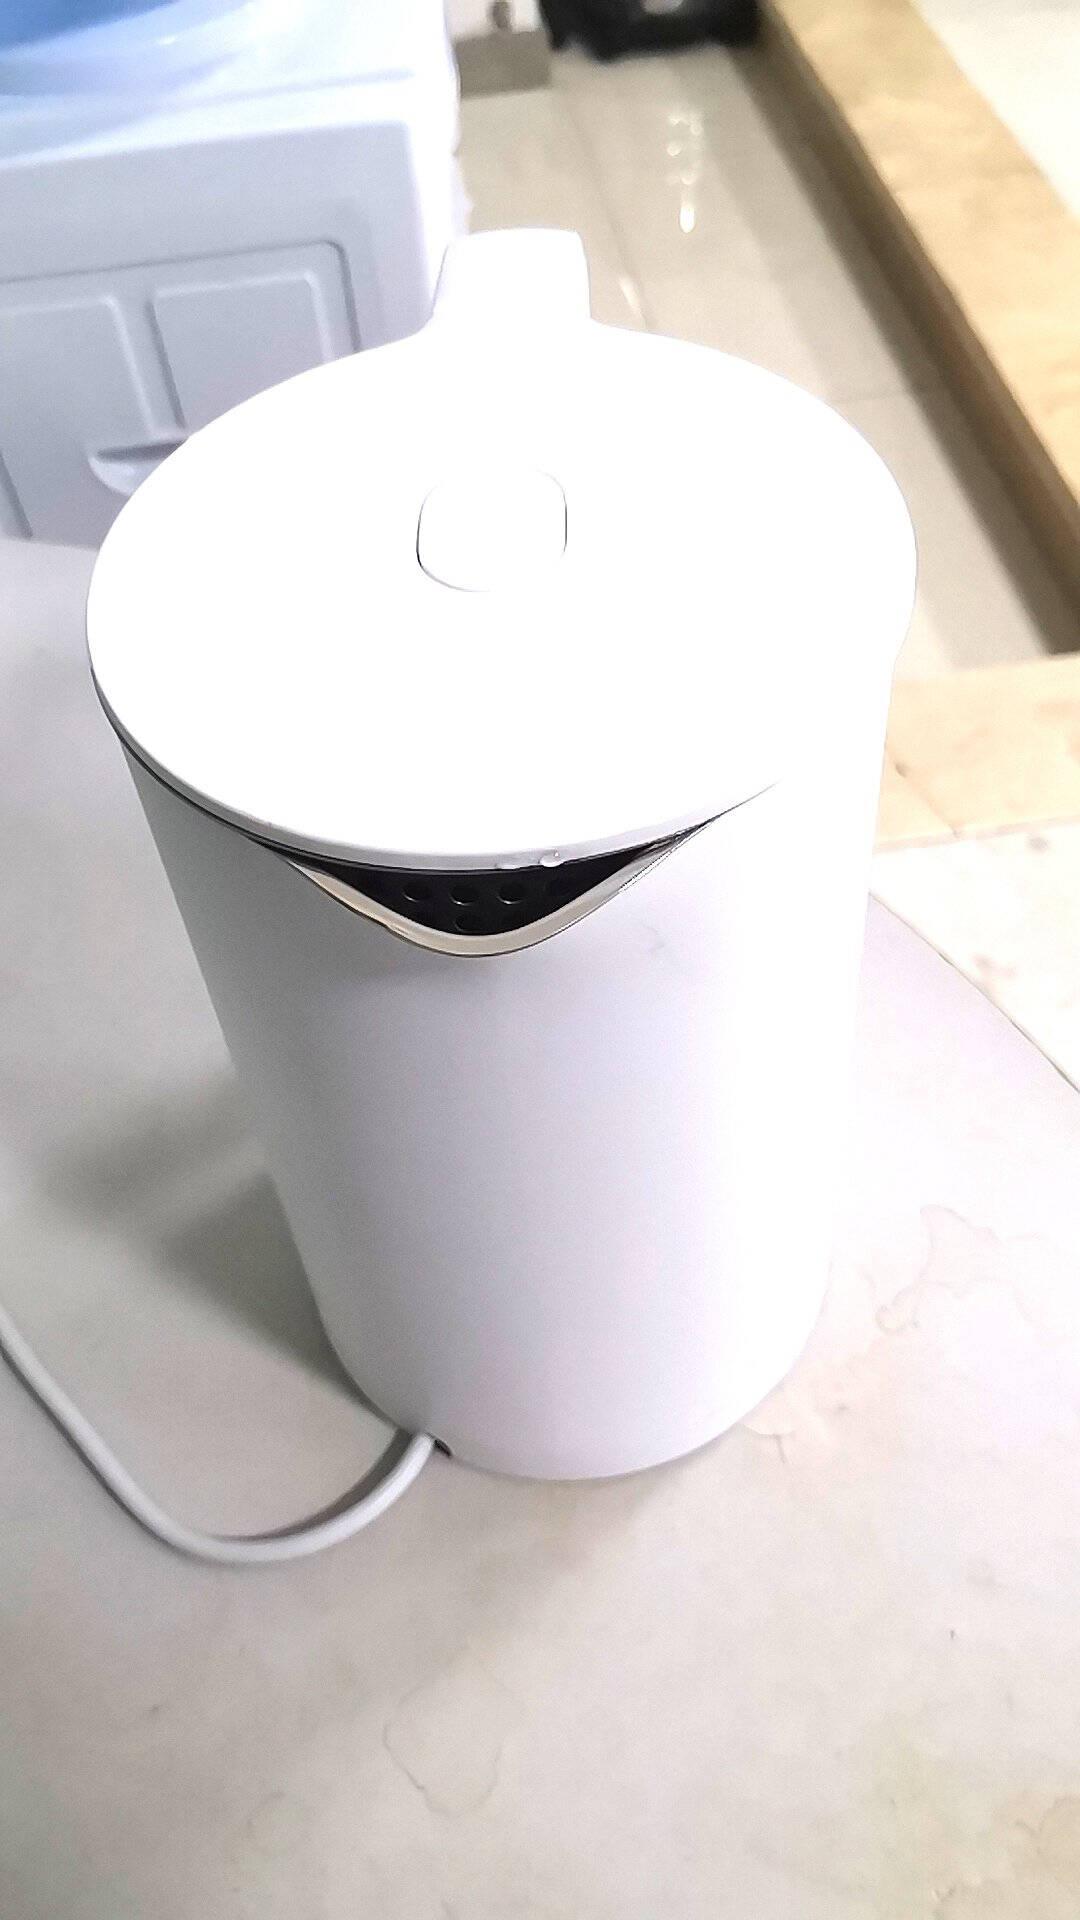 小米(MI)电水壶1A双层防烫304不锈钢烧水壶1.5升自动断电电热水壶米家水壶防干烧米家电水壶1A